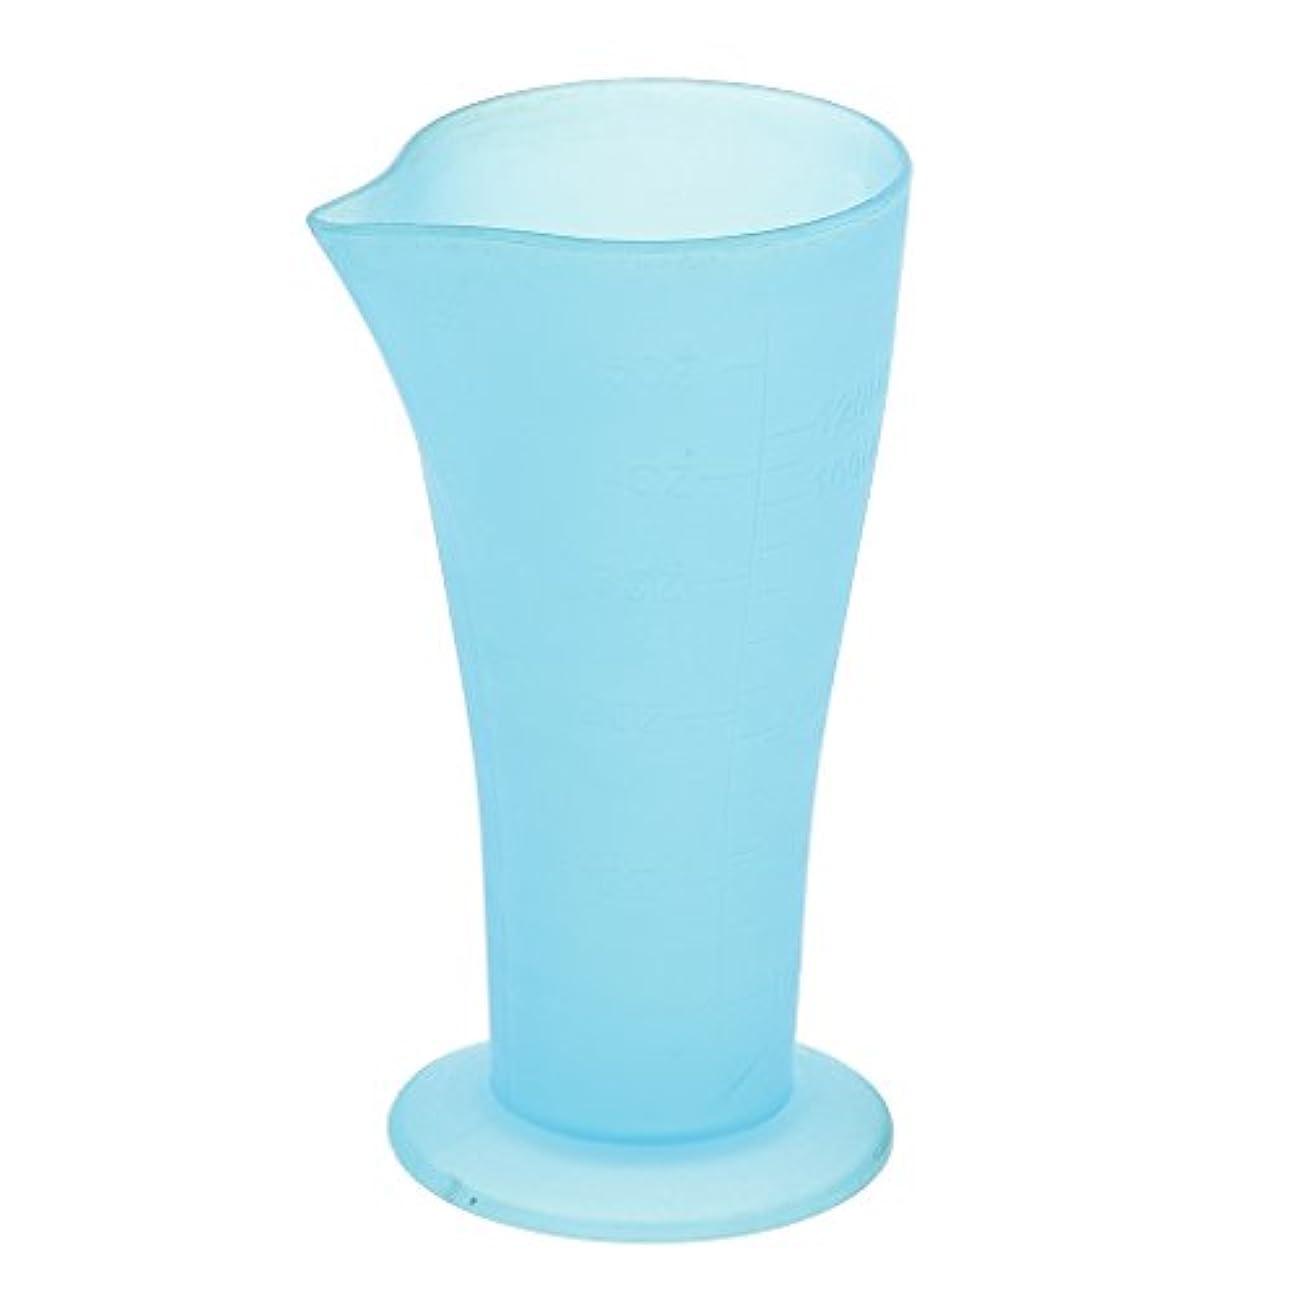 ニュースエリートあごひげBaosity 計量カップ ヘアダイカップ プラスチック サロン 髪の色合い 色の混合用 読みやすい測定 再使用可能